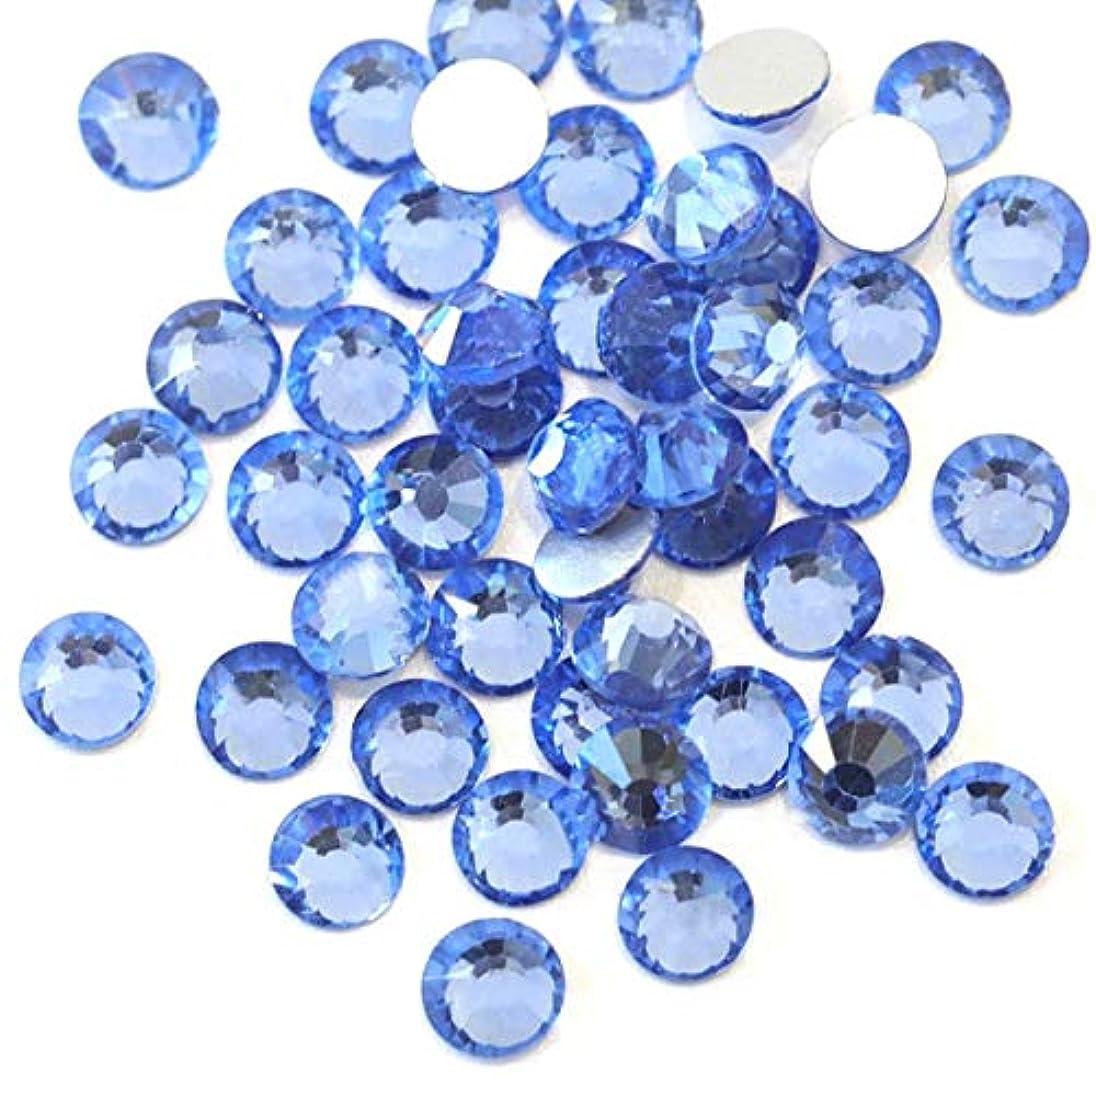 恐怖信じられない童謡【ラインストーン77】高品質ガラス製ラインストーン ライトサファイア(1.5mm (SS4) 約200粒)